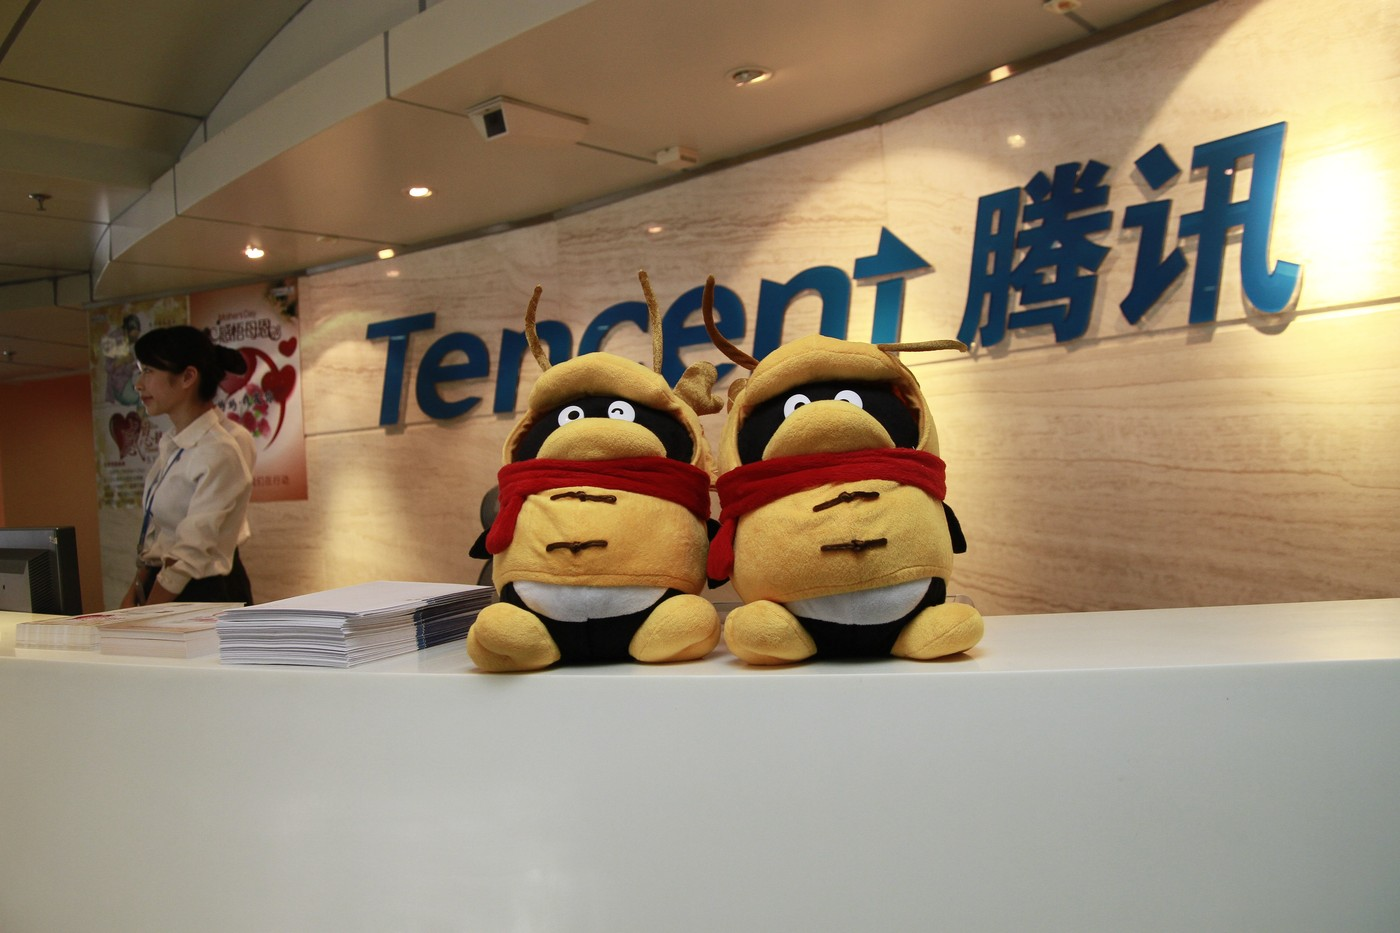 騰訊音樂市值漲破6千億元、中國遊戲版號再發,企鵝帝國的春天來了?